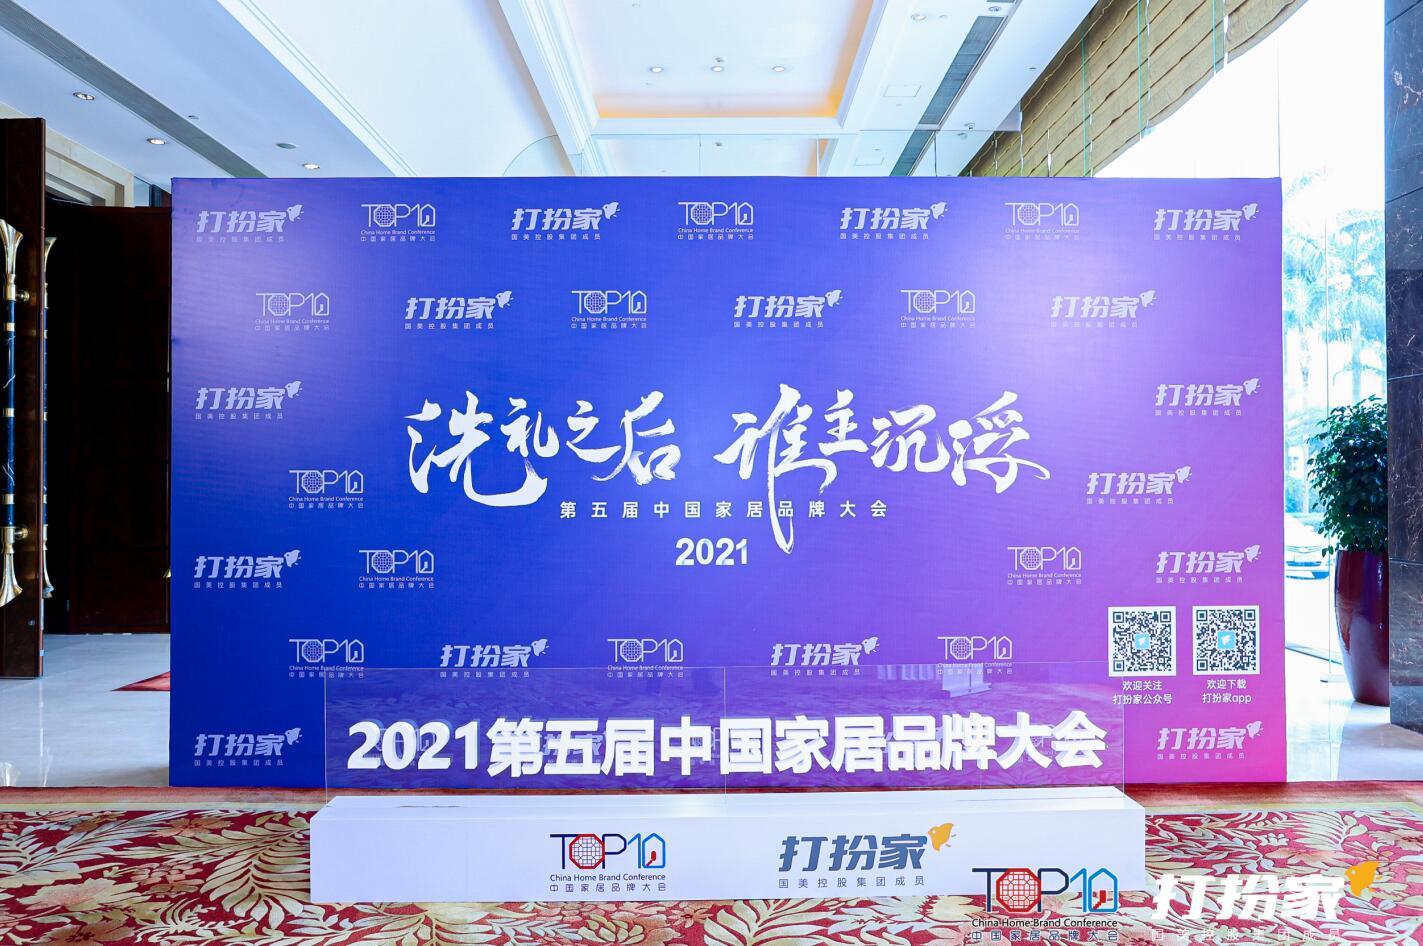 """2021第五届中国家居品牌大会:大自然地板荣获""""2020-2021十大优选地板品牌""""称号"""